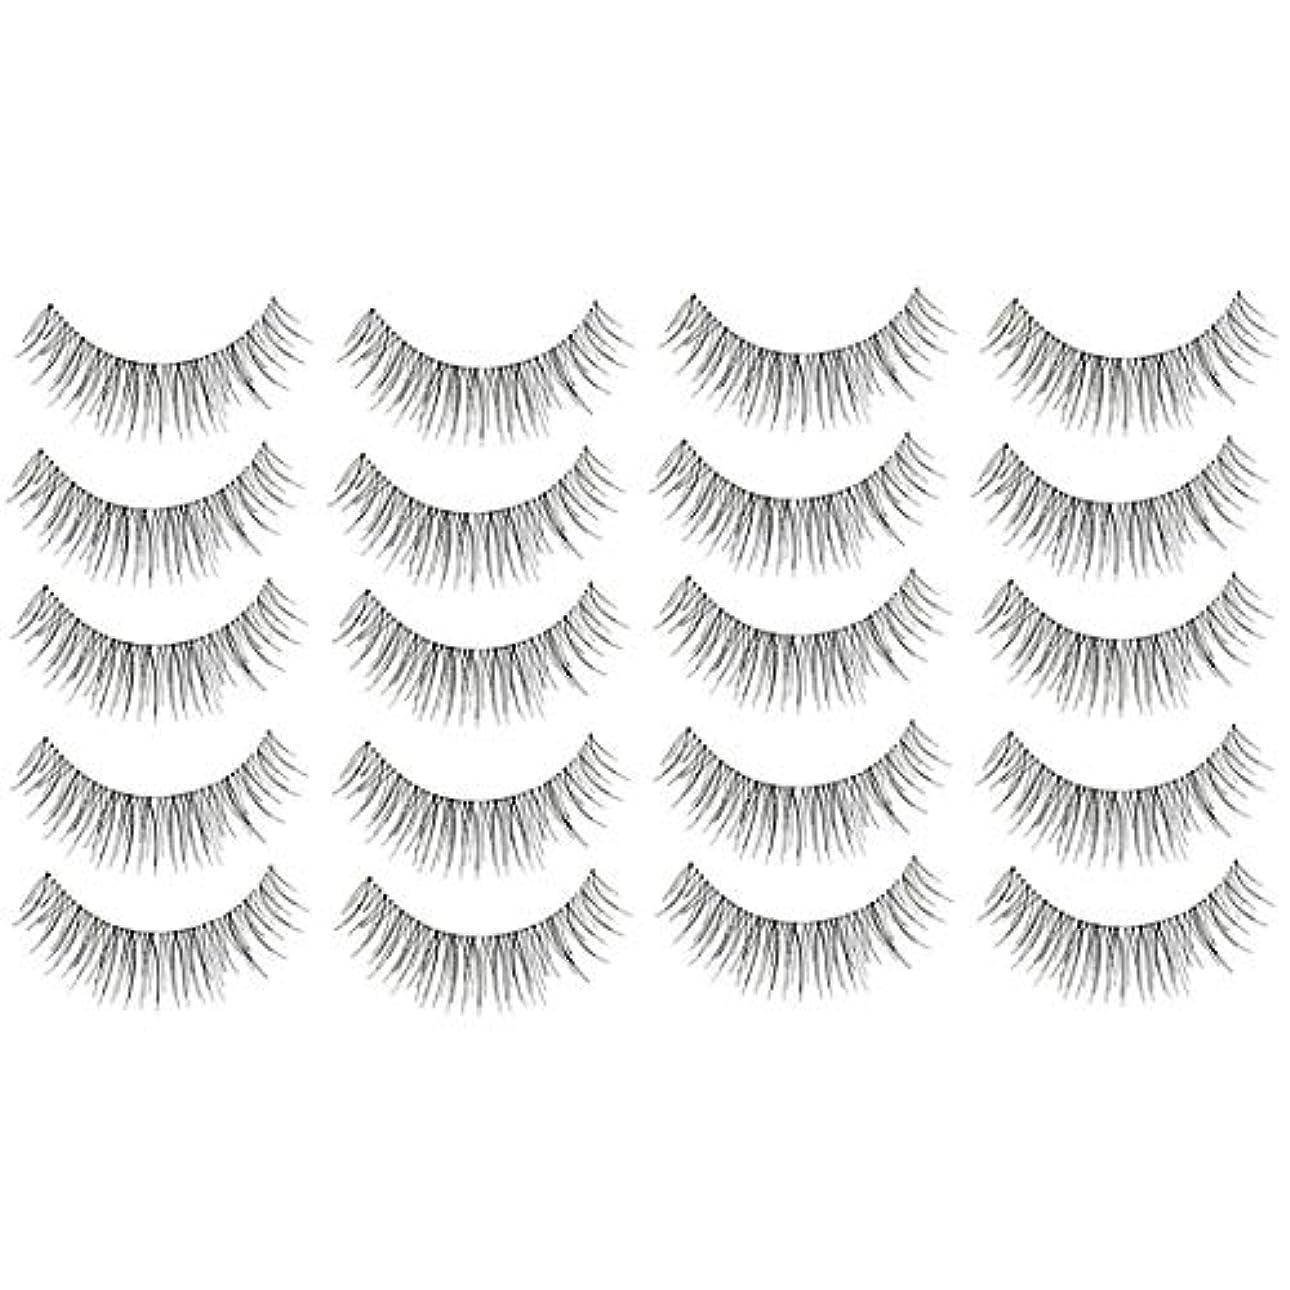 美容アクセサリー 10ペア218クリスクロス透明なステムナチュラルメイク授乳魅力的な長いシックな黒い偽のまつげ 写真美容アクセサリー